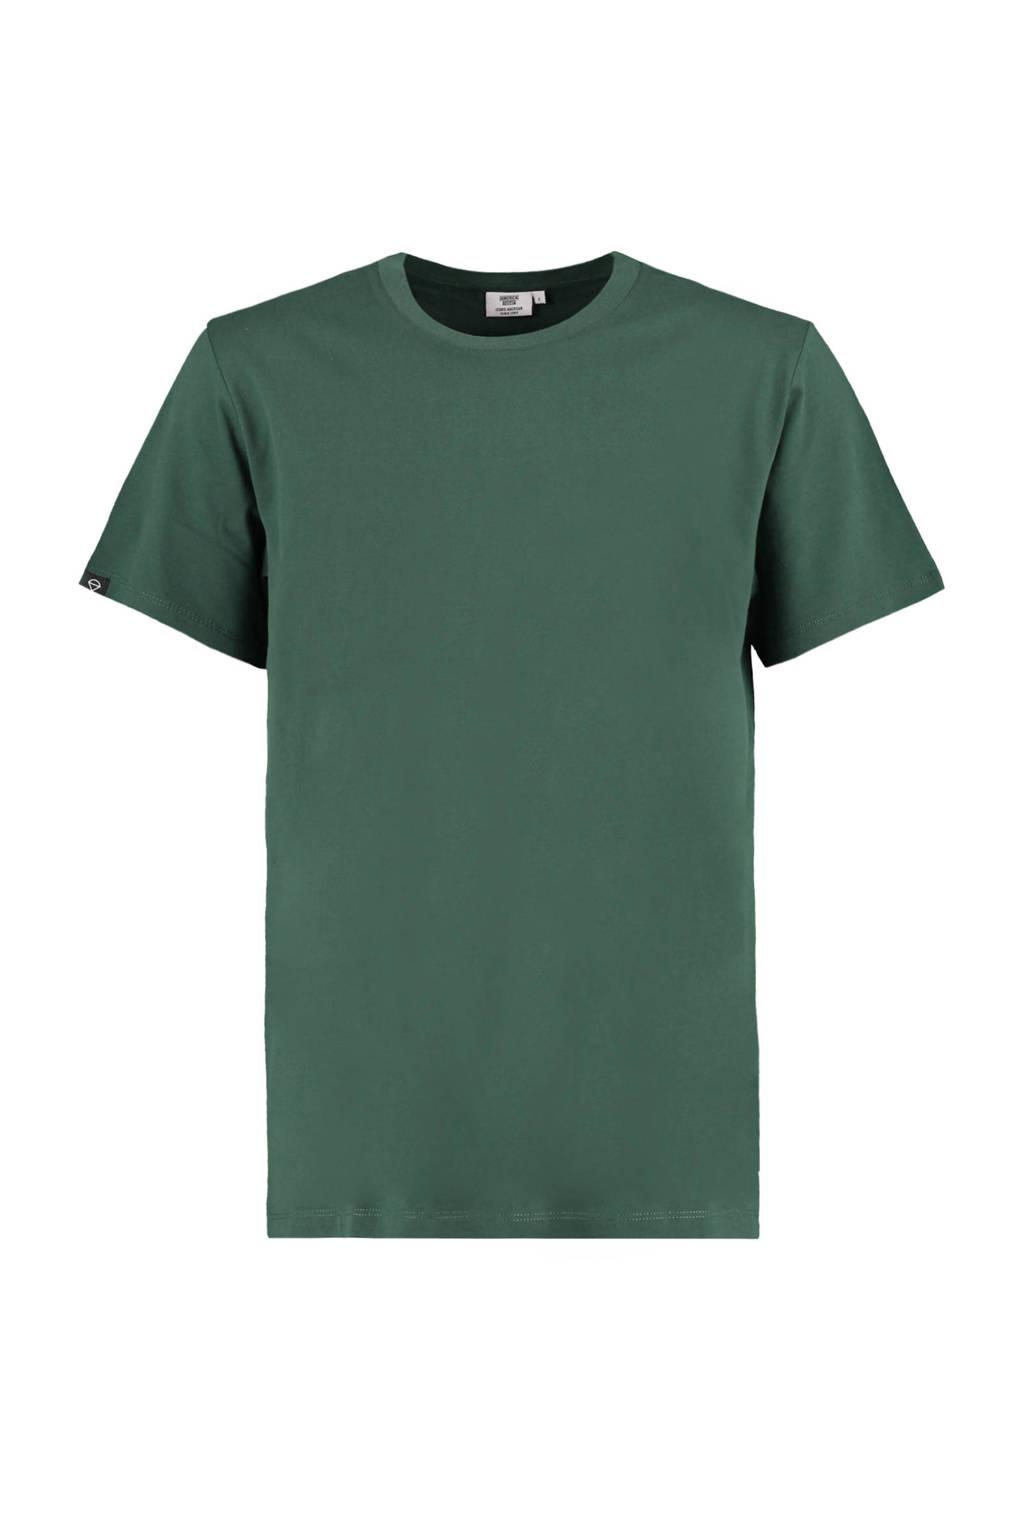 America Today T-shirt Eric van biologisch katoen groen, Groen